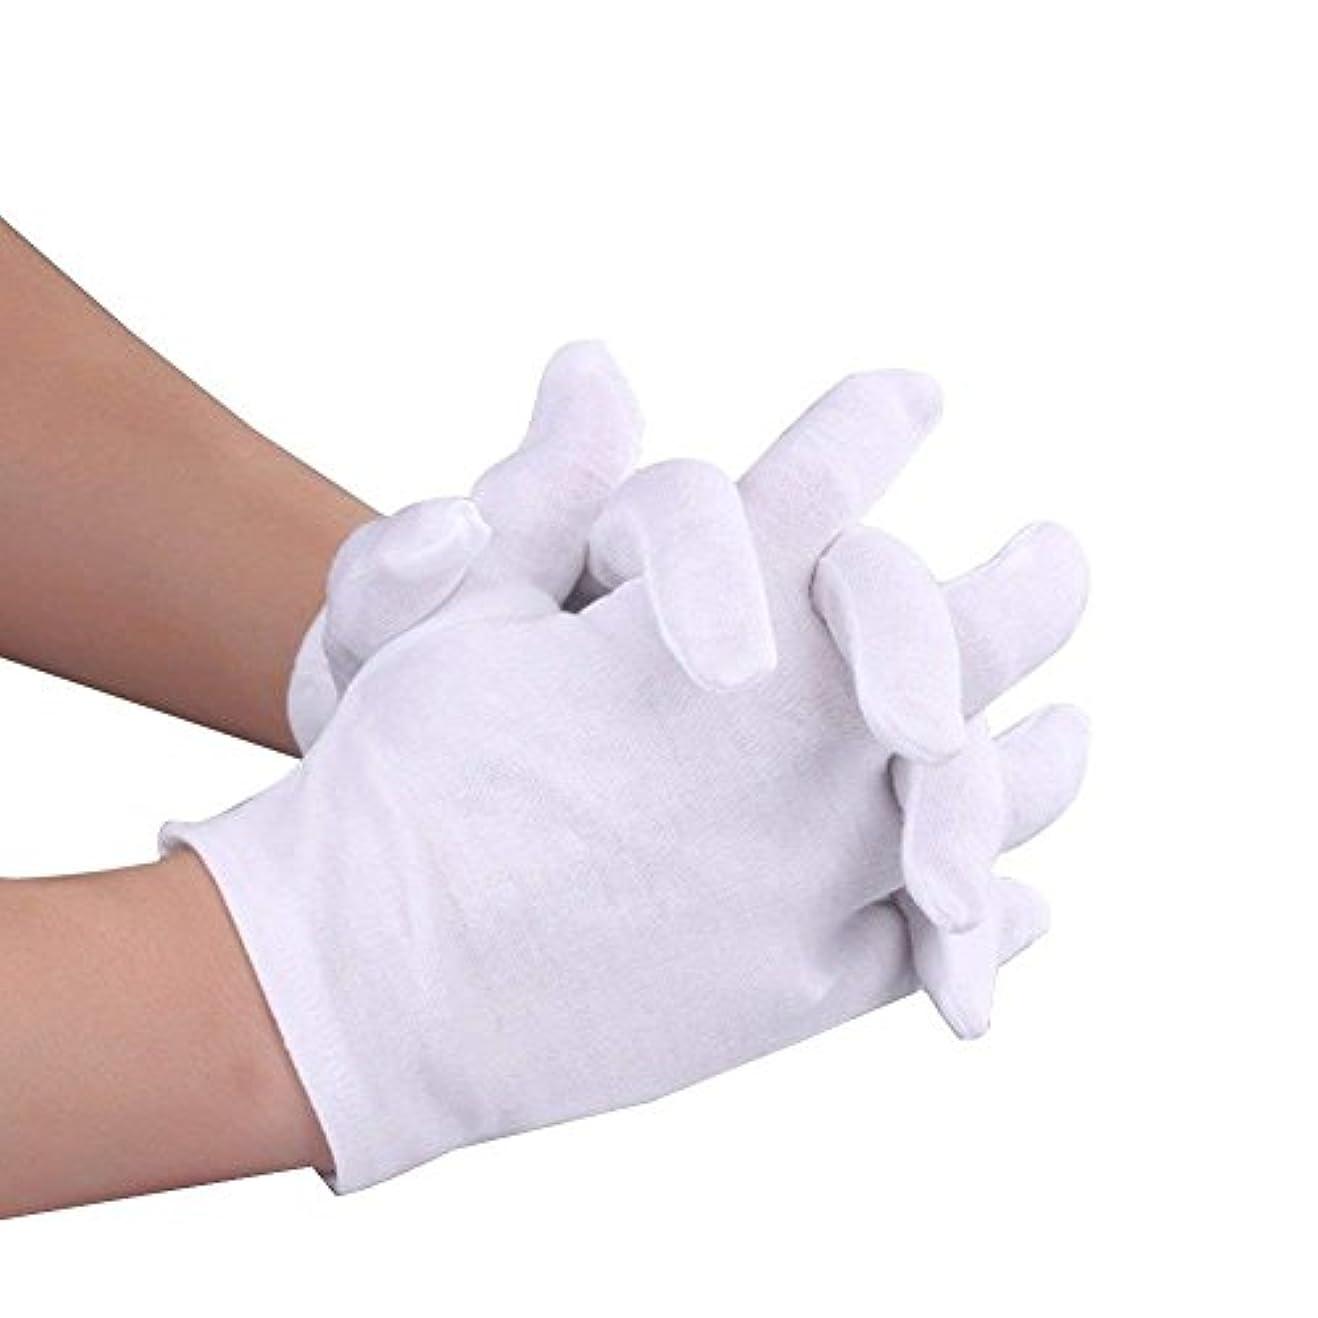 小学生移民細部Wolfride 15Pairs コットン手袋 綿手袋 インナーコットン手袋 ガーデニング用手袋 入り Sサイズ 湿疹用 乾燥肌用 保湿用 家事用 礼装用